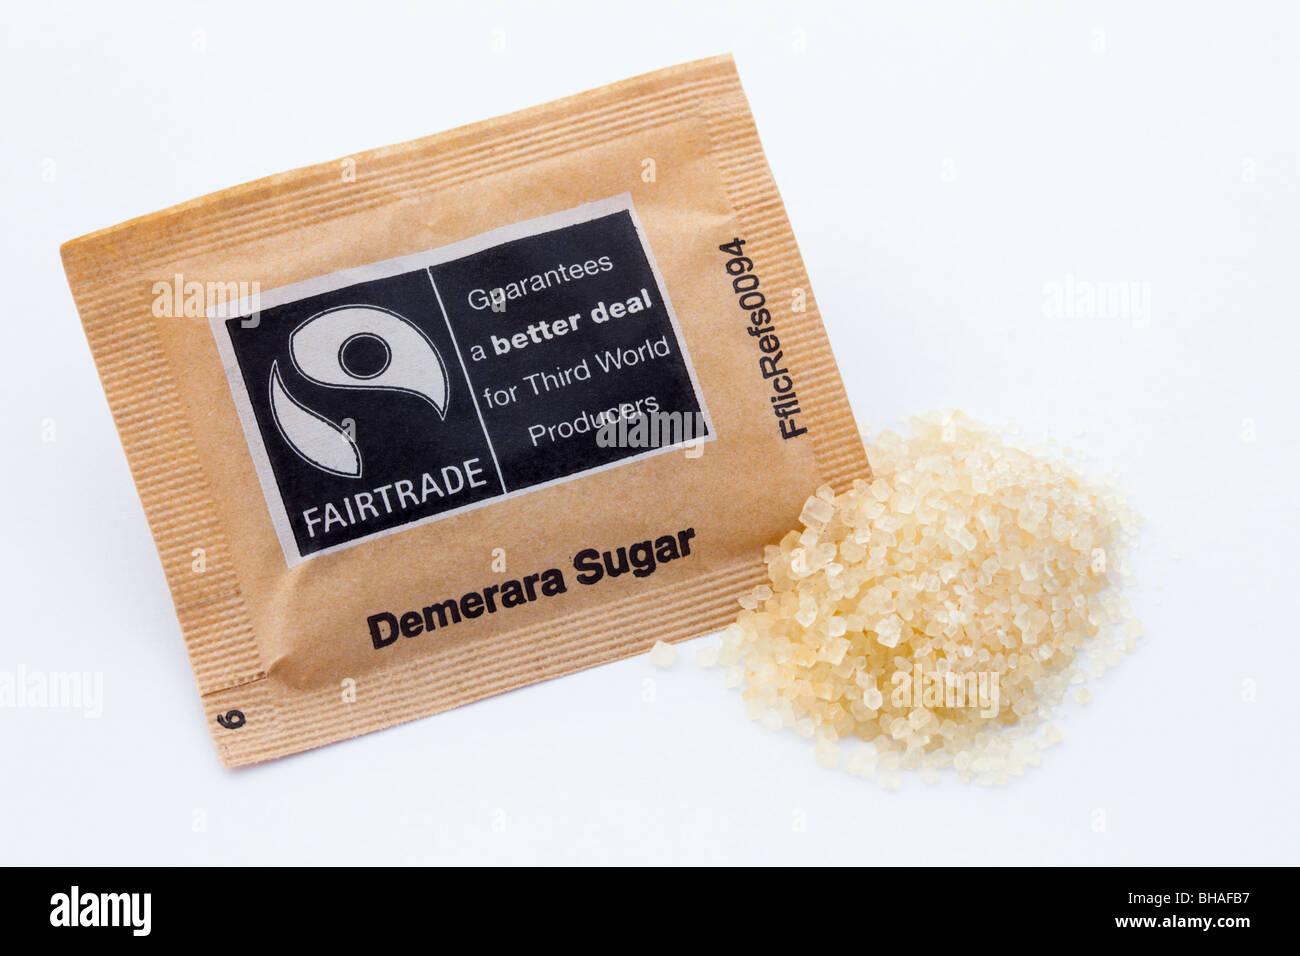 Regno Unito. Fairtrade brown di zucchero di canna grezzo Demerara pacchetto su sfondo bianco Immagini Stock